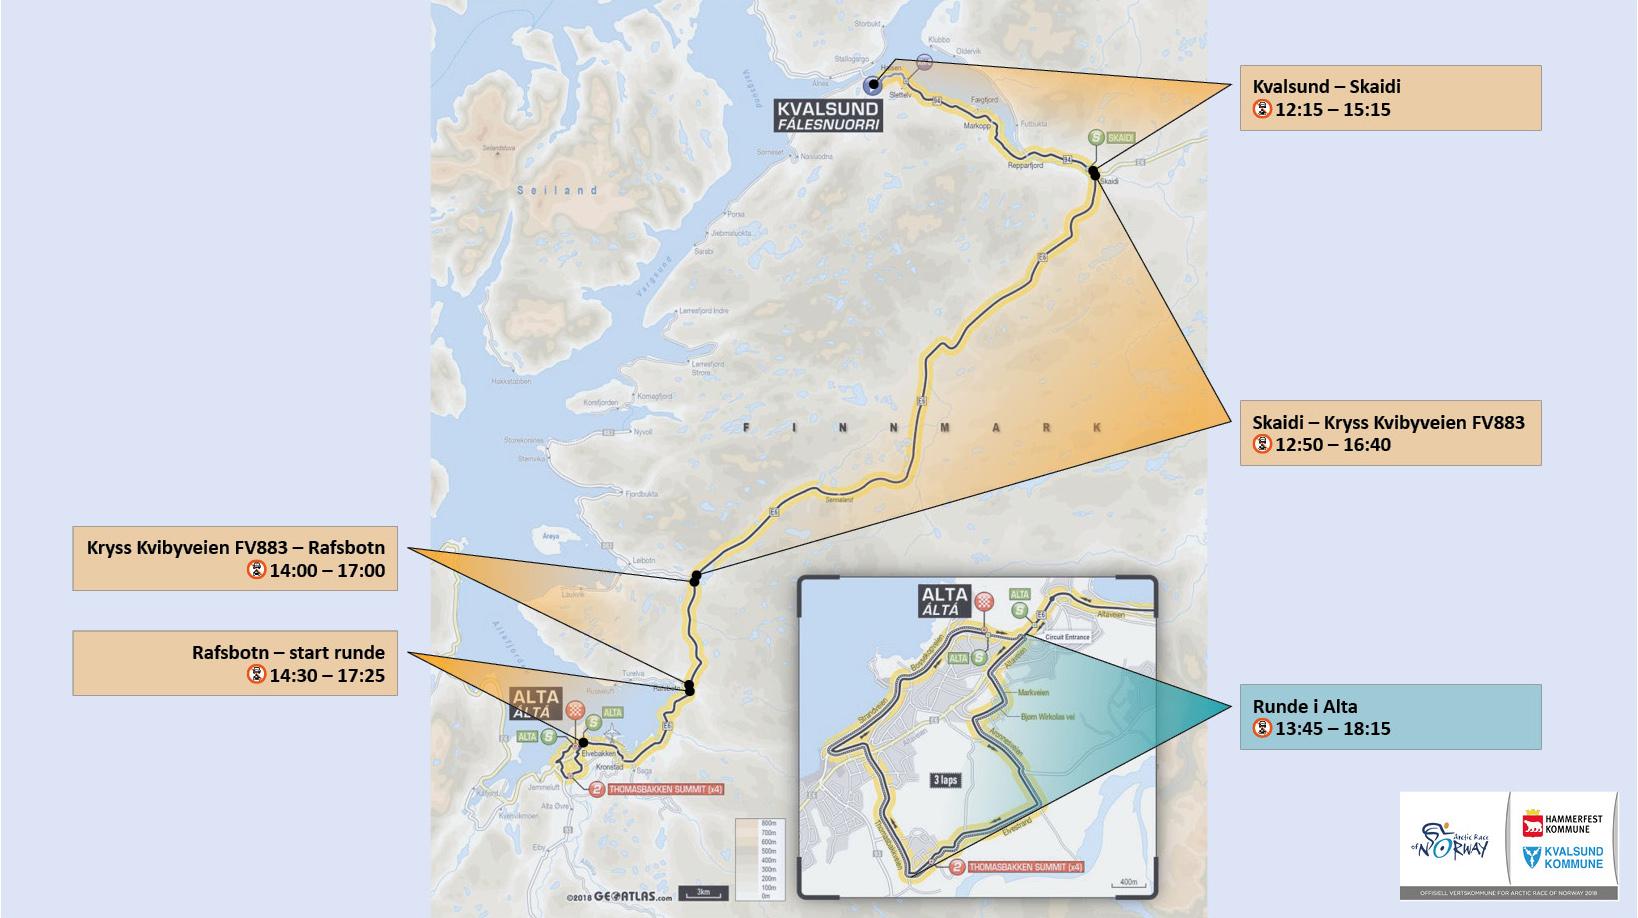 kart over stengte veier Praktisk info   Hammerfest kommune kart over stengte veier